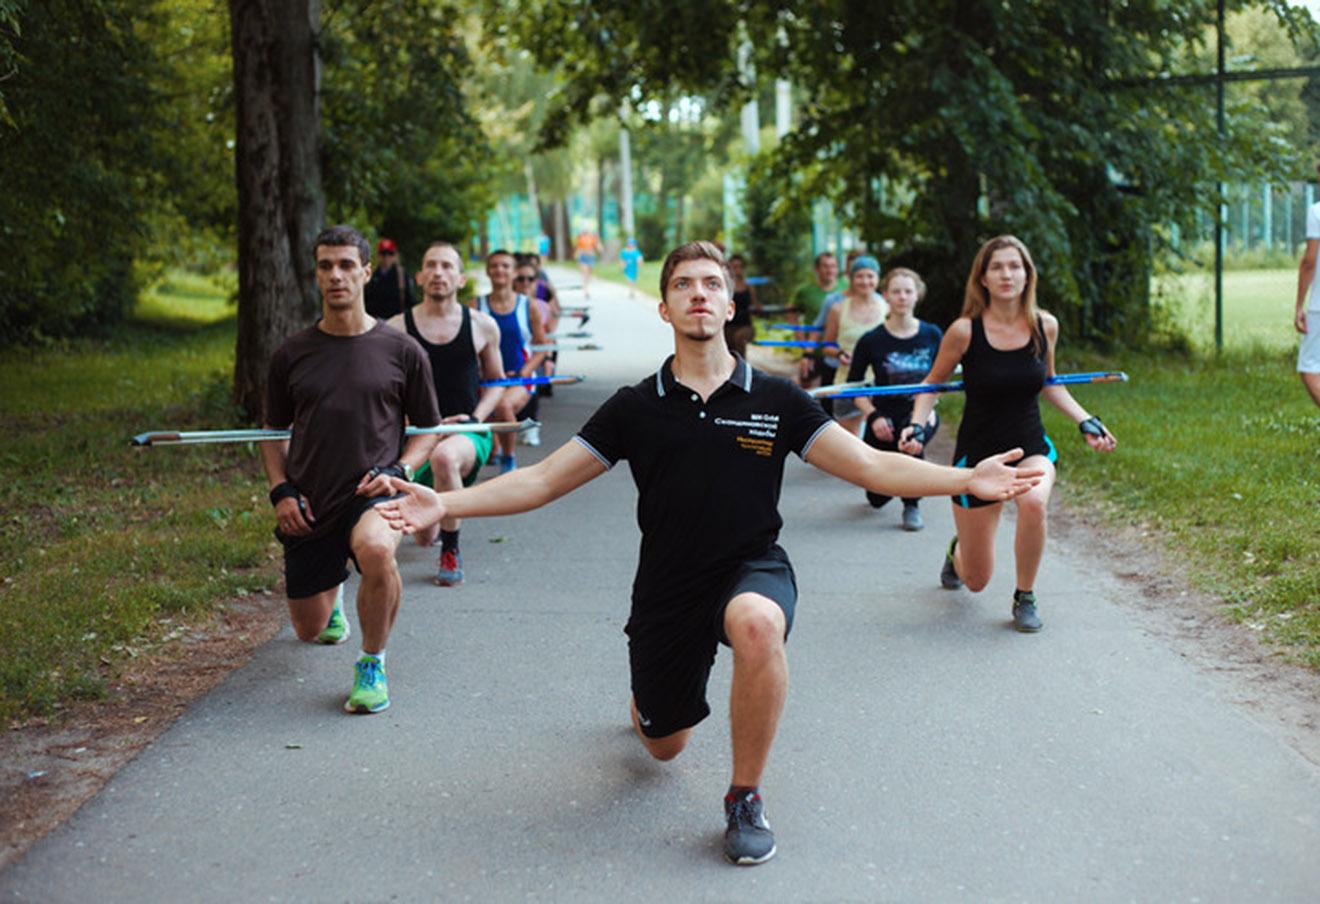 Фотография из серии материалов RUN FOR FUN на сайте morsmagazine.ru.